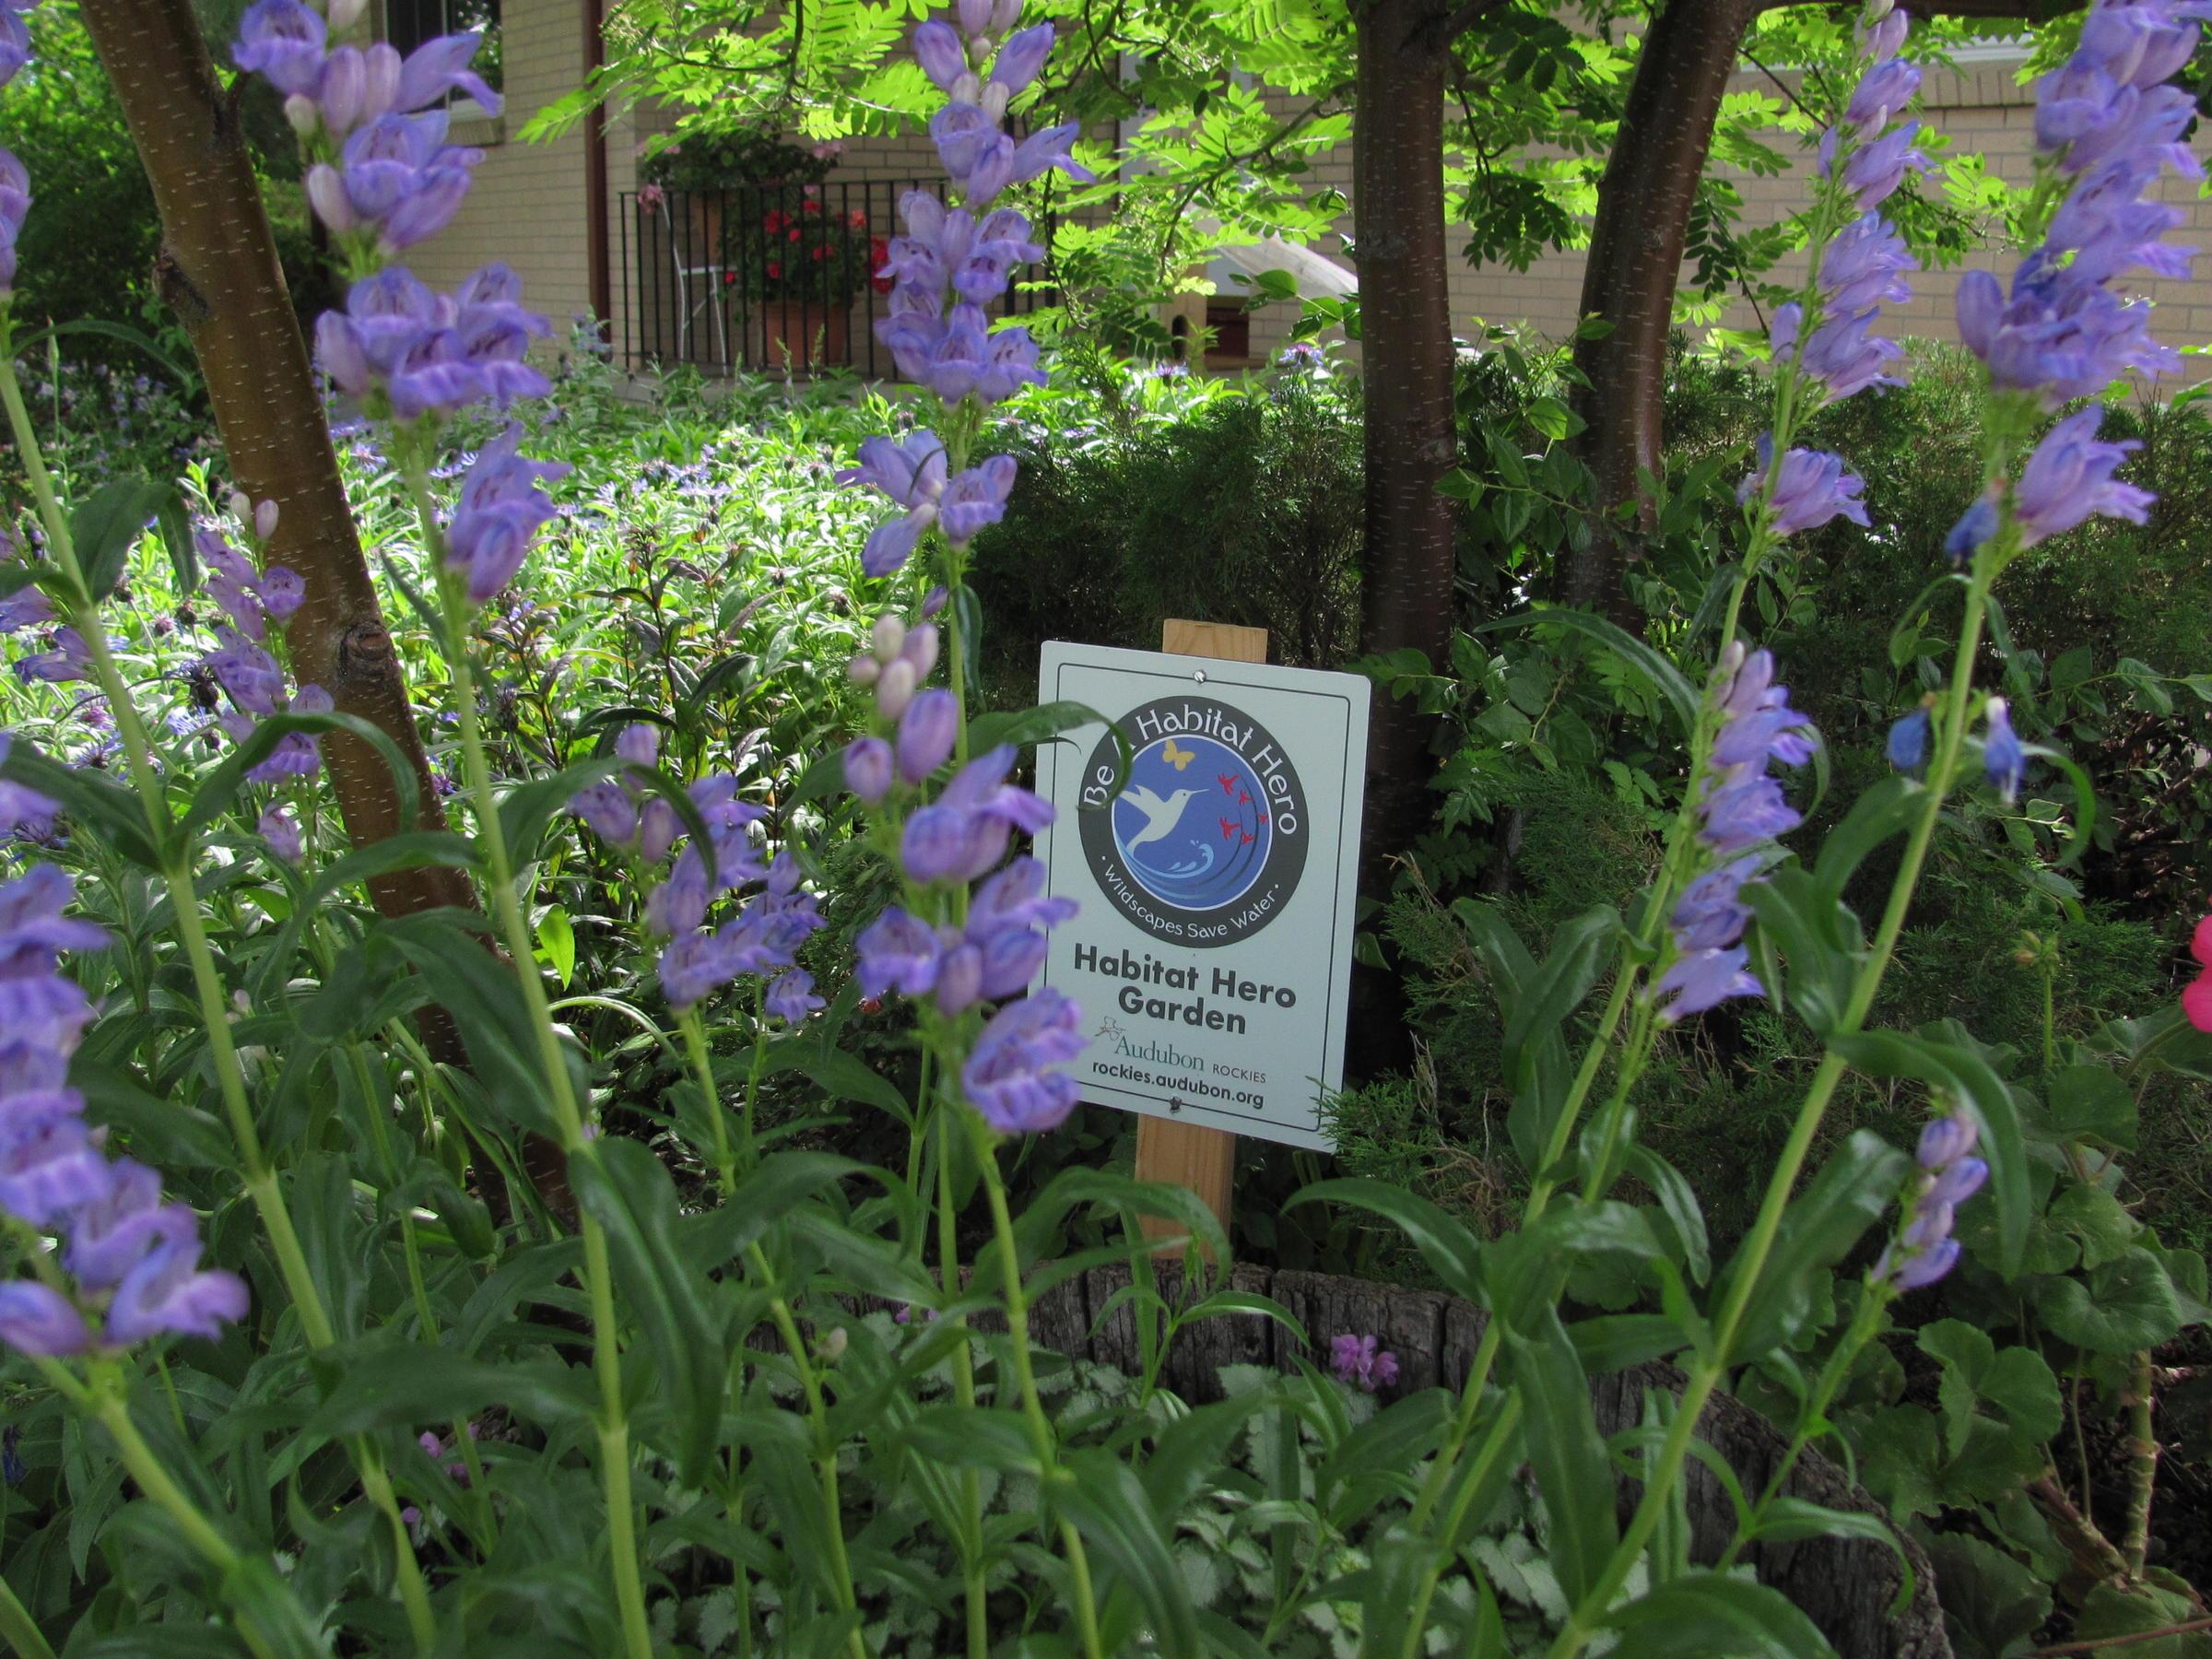 Habitat Hero garden in Cheyenne, WY.